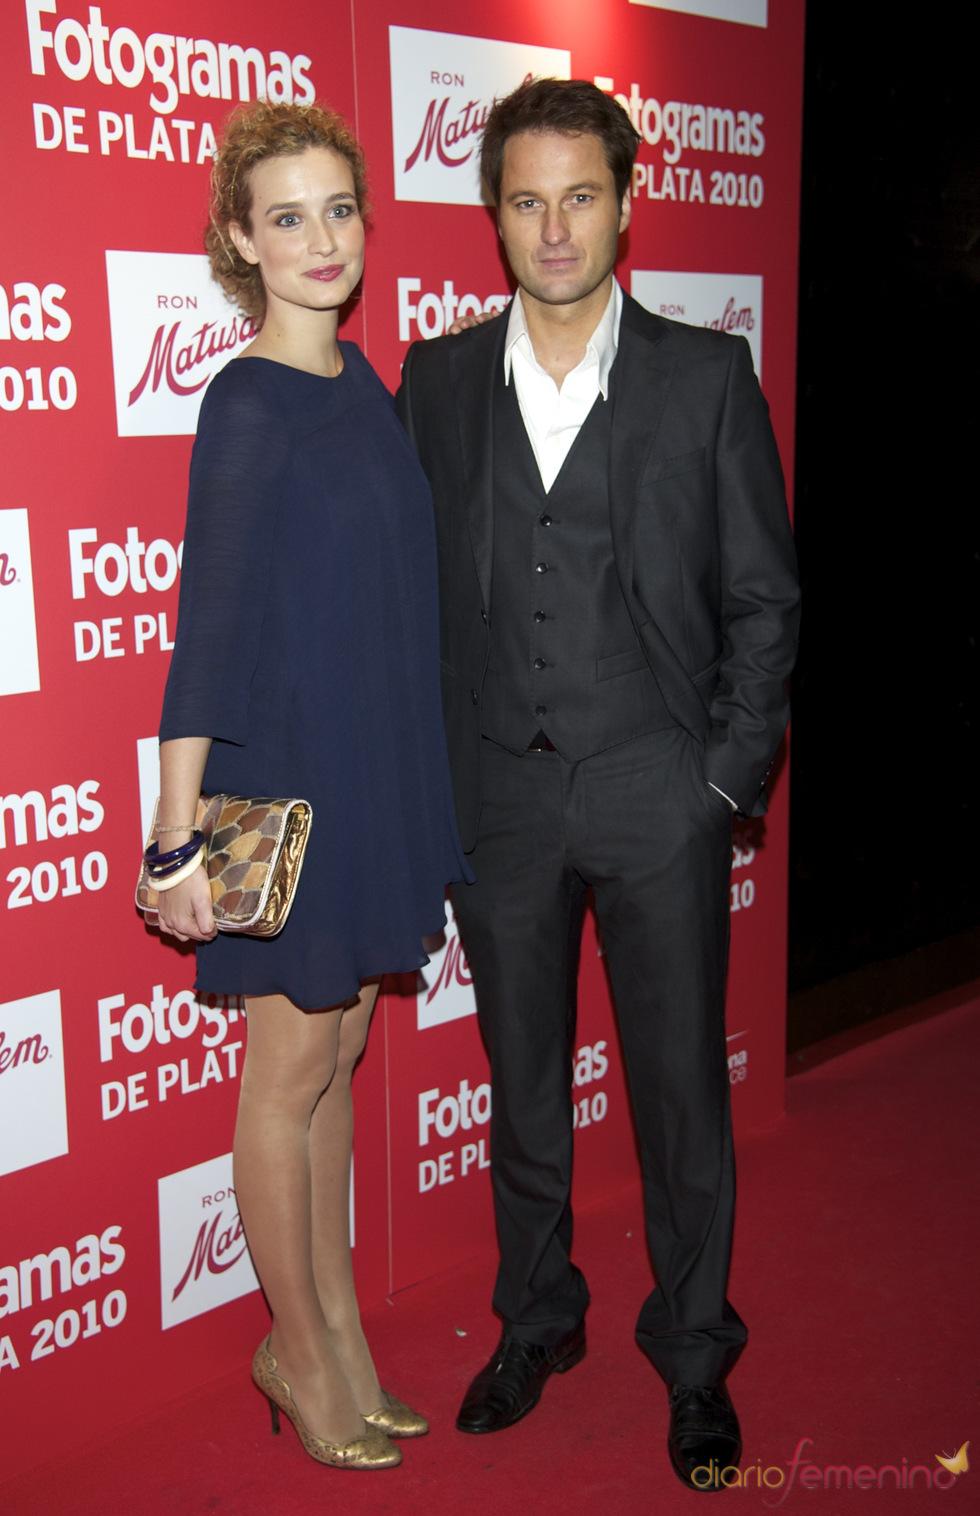 Fernando Andina en los Premios Fotogramas de Plata 2010